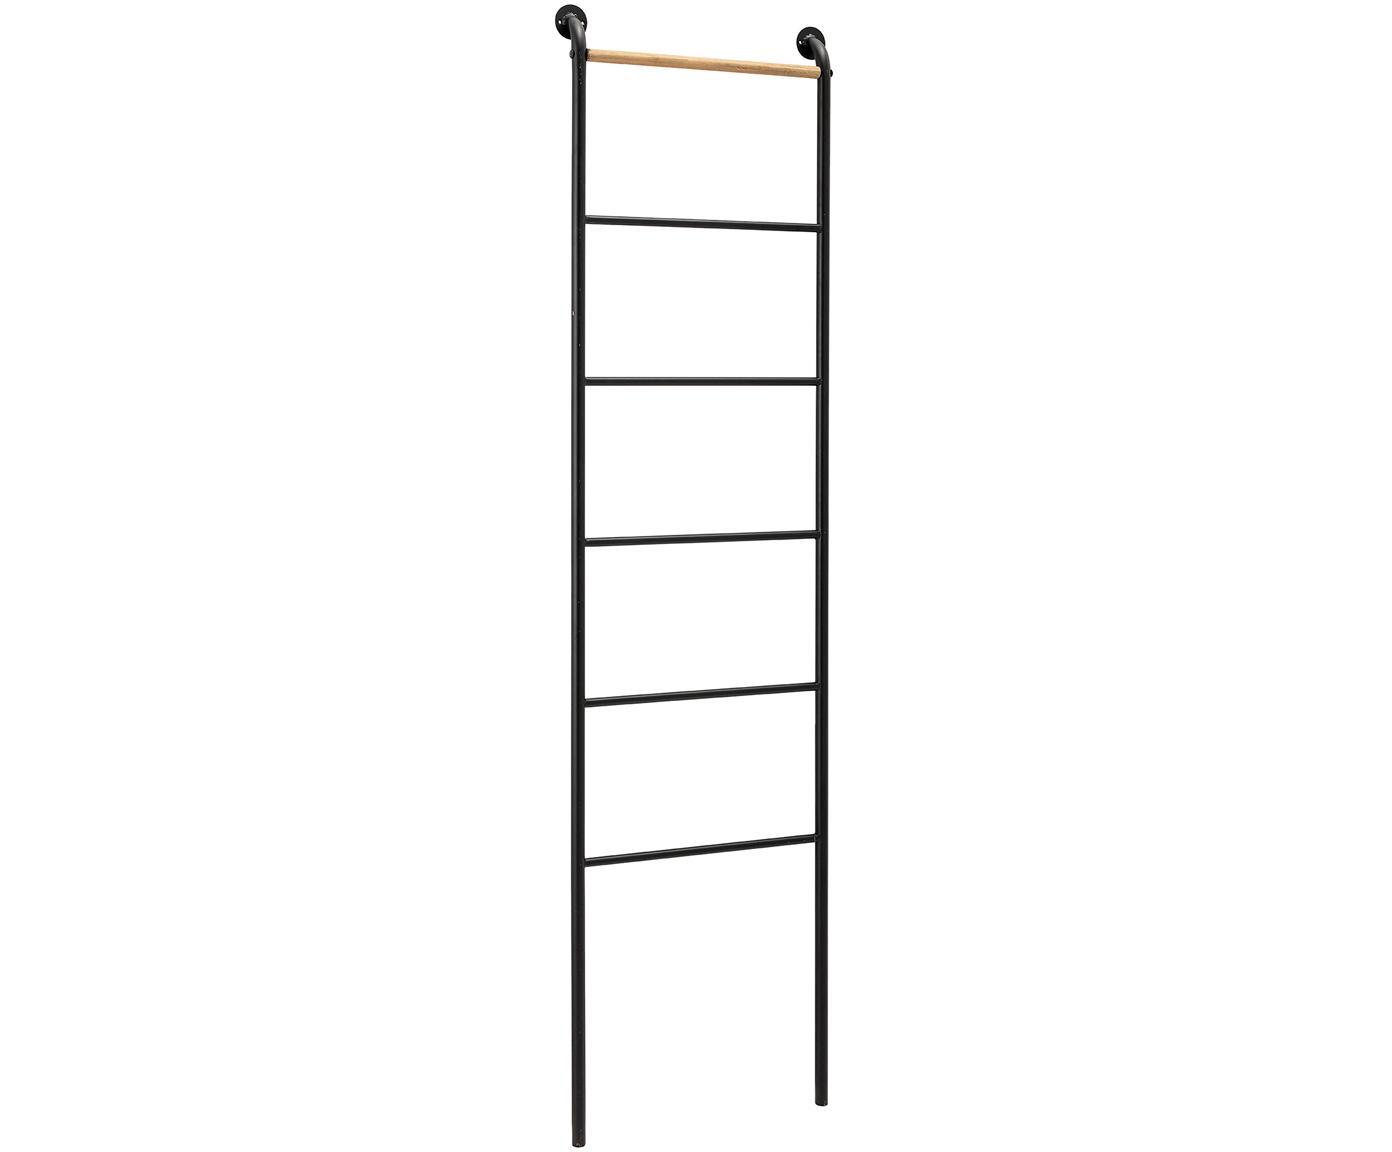 Estantería escalera de metal Towi, Metal, madera de abeto, Negro, An 45 x Al 164 cm